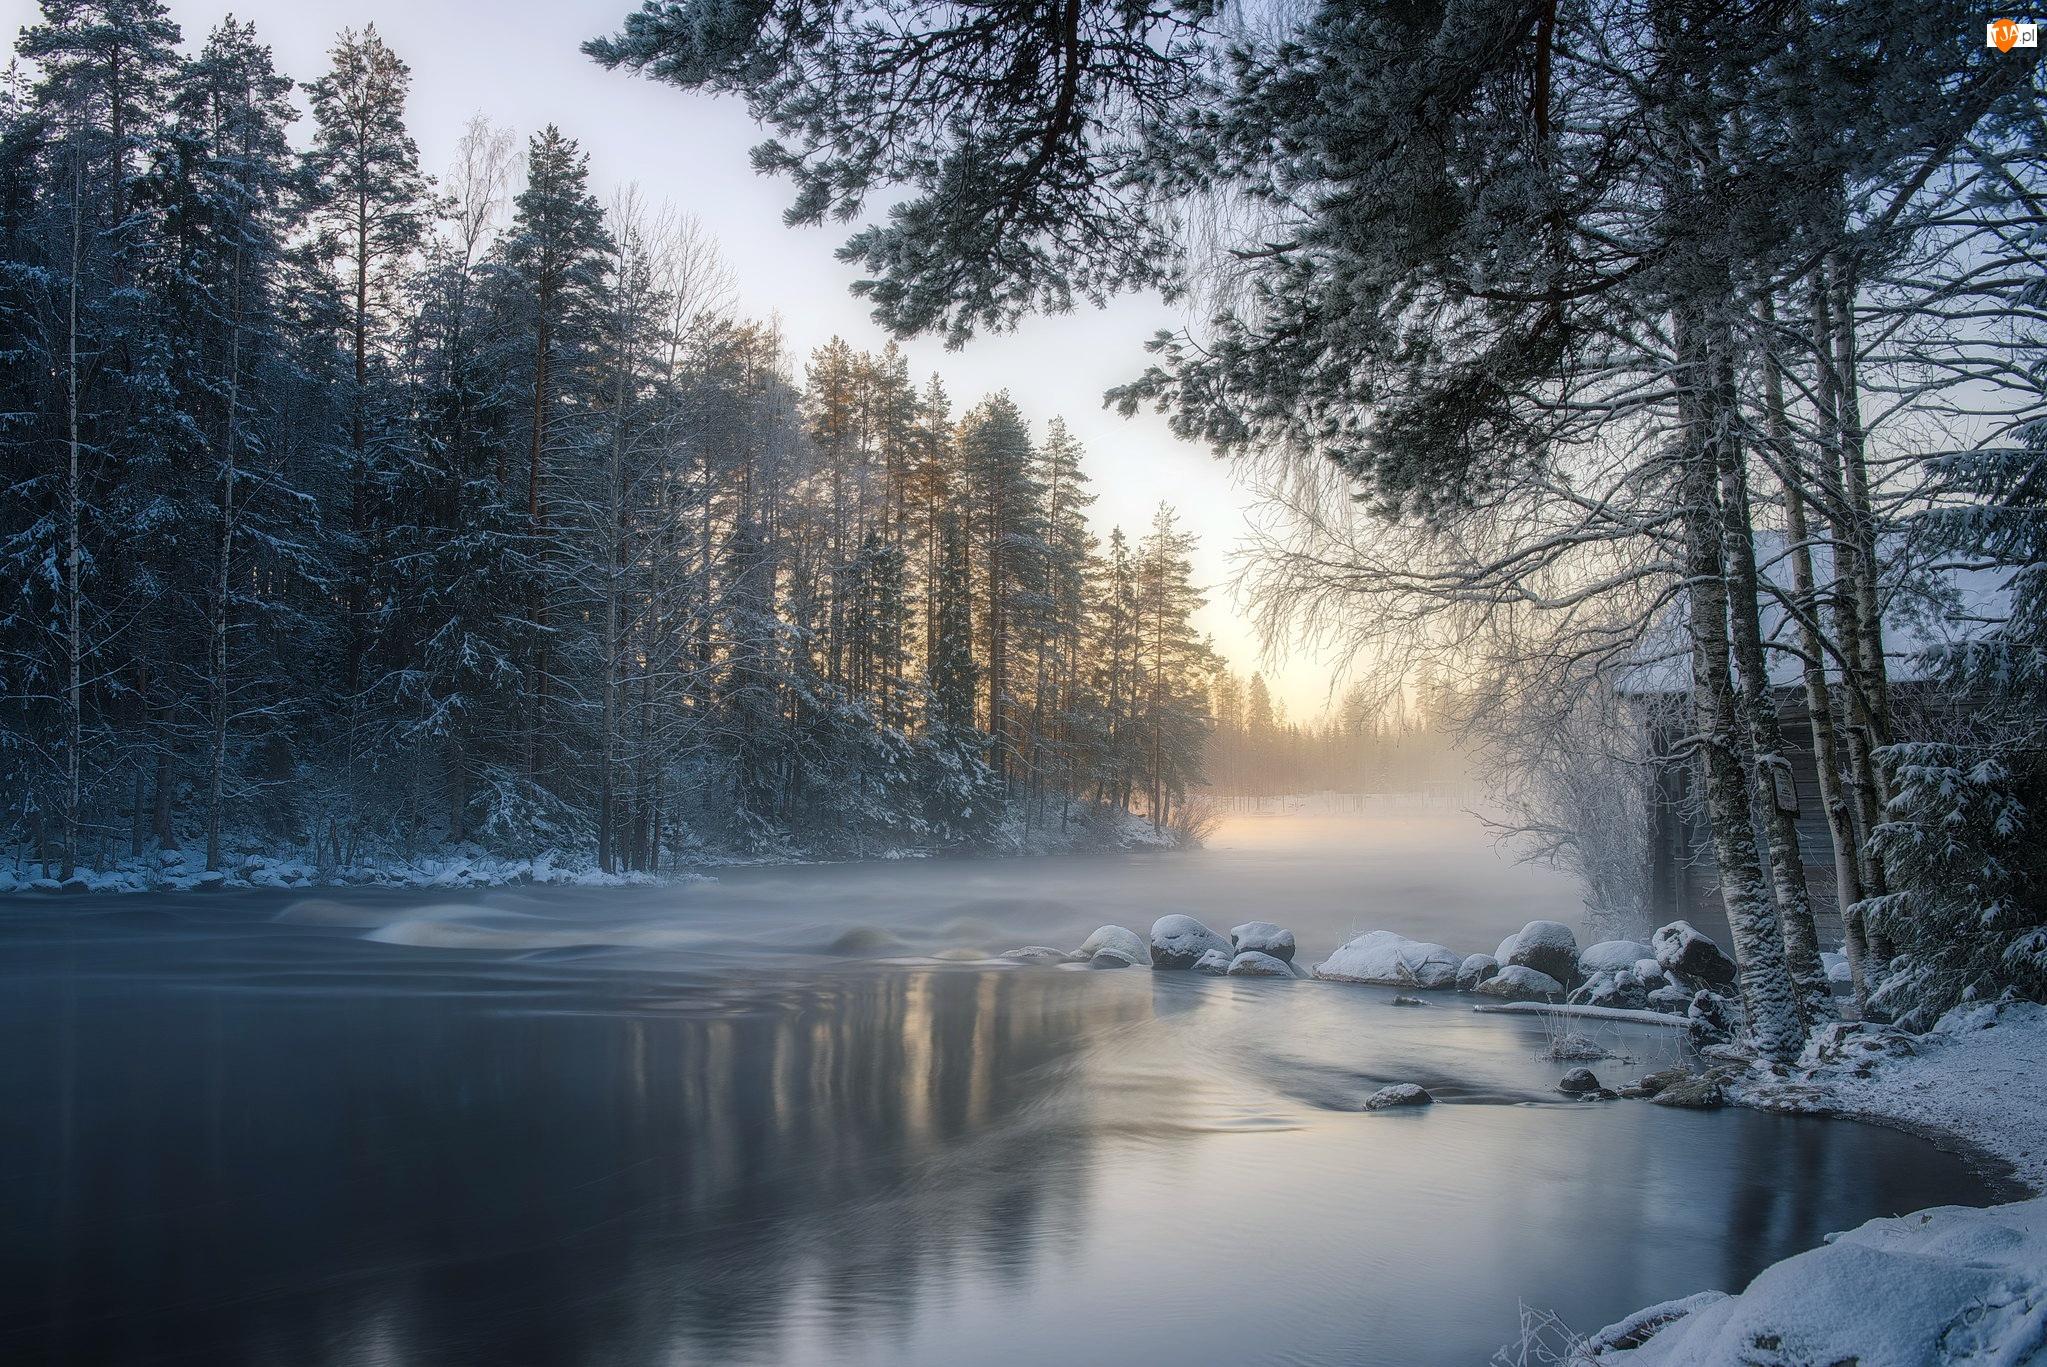 Las, Wschód słońca, Rzeka, Zima, Drzewa